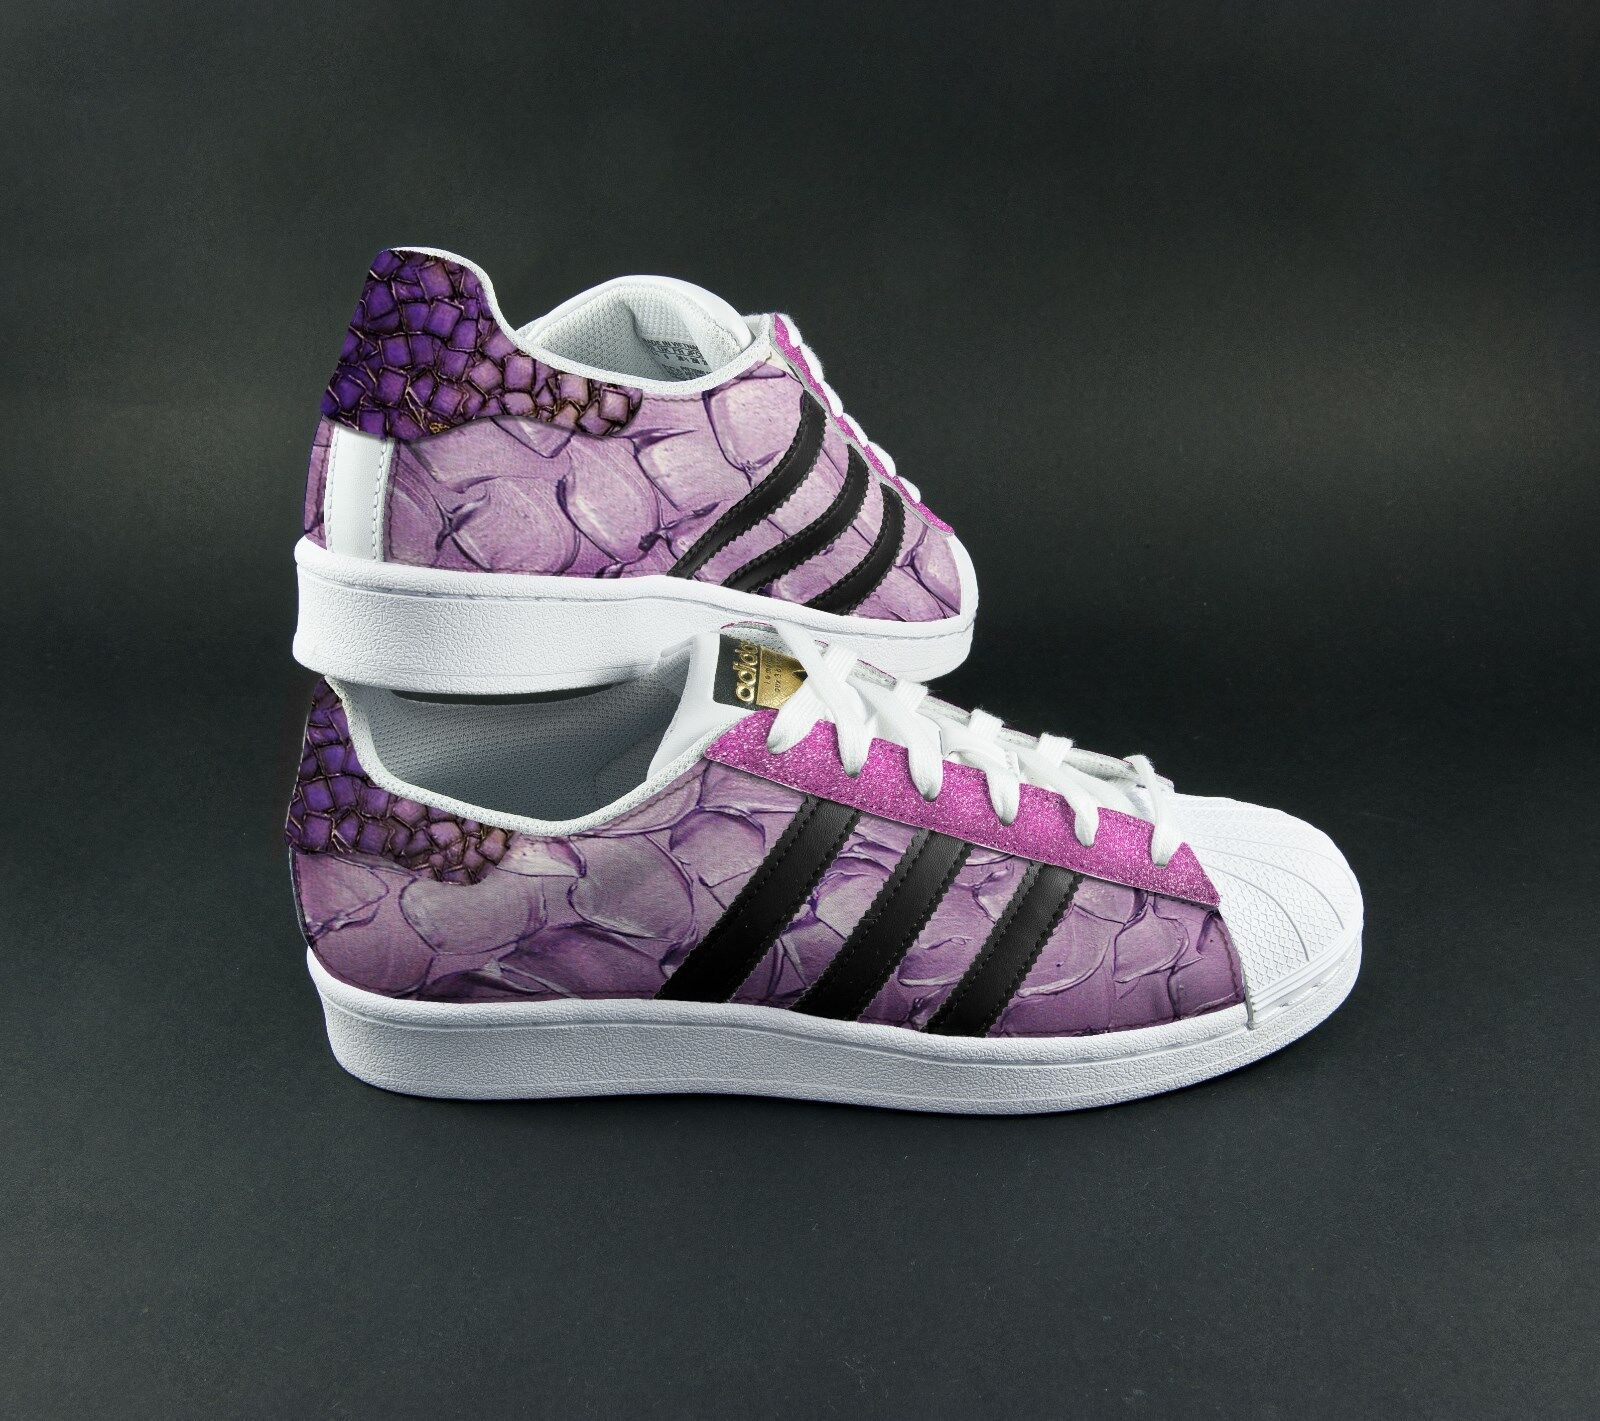 zapatos adidas superstar con glitter serpentato e pitonato piu' glitter con rosadodo 8b0f0b